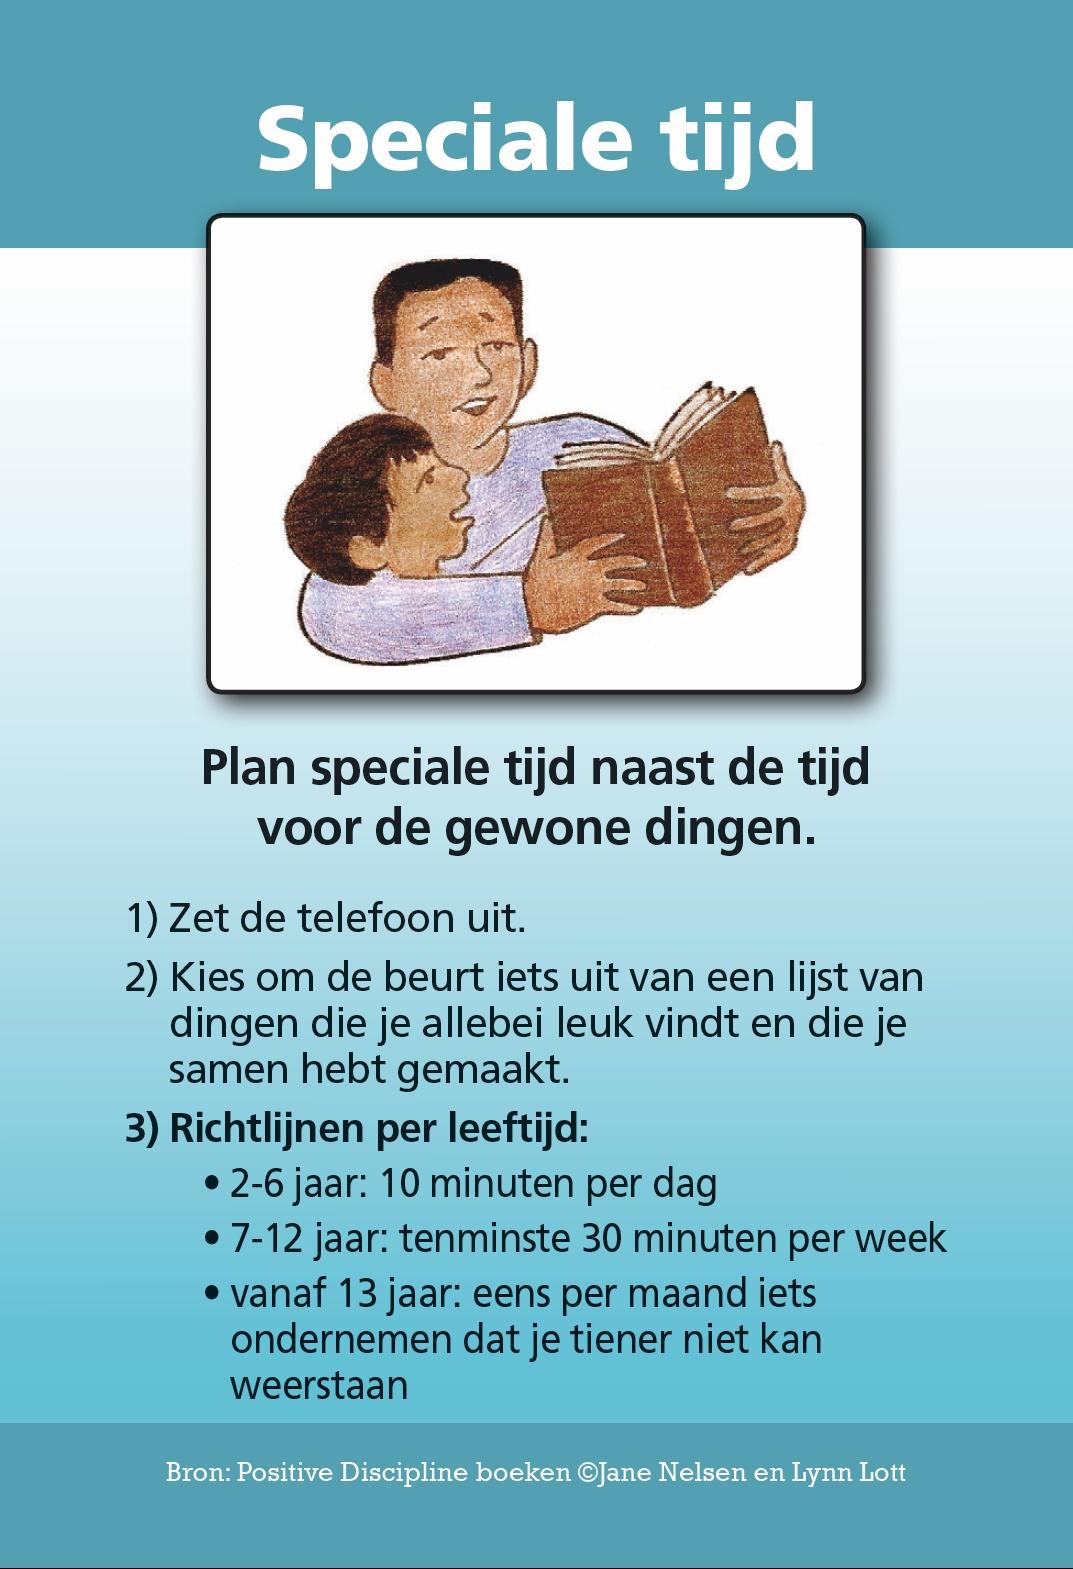 Speciale tijd - toolkaart Positive Discipline